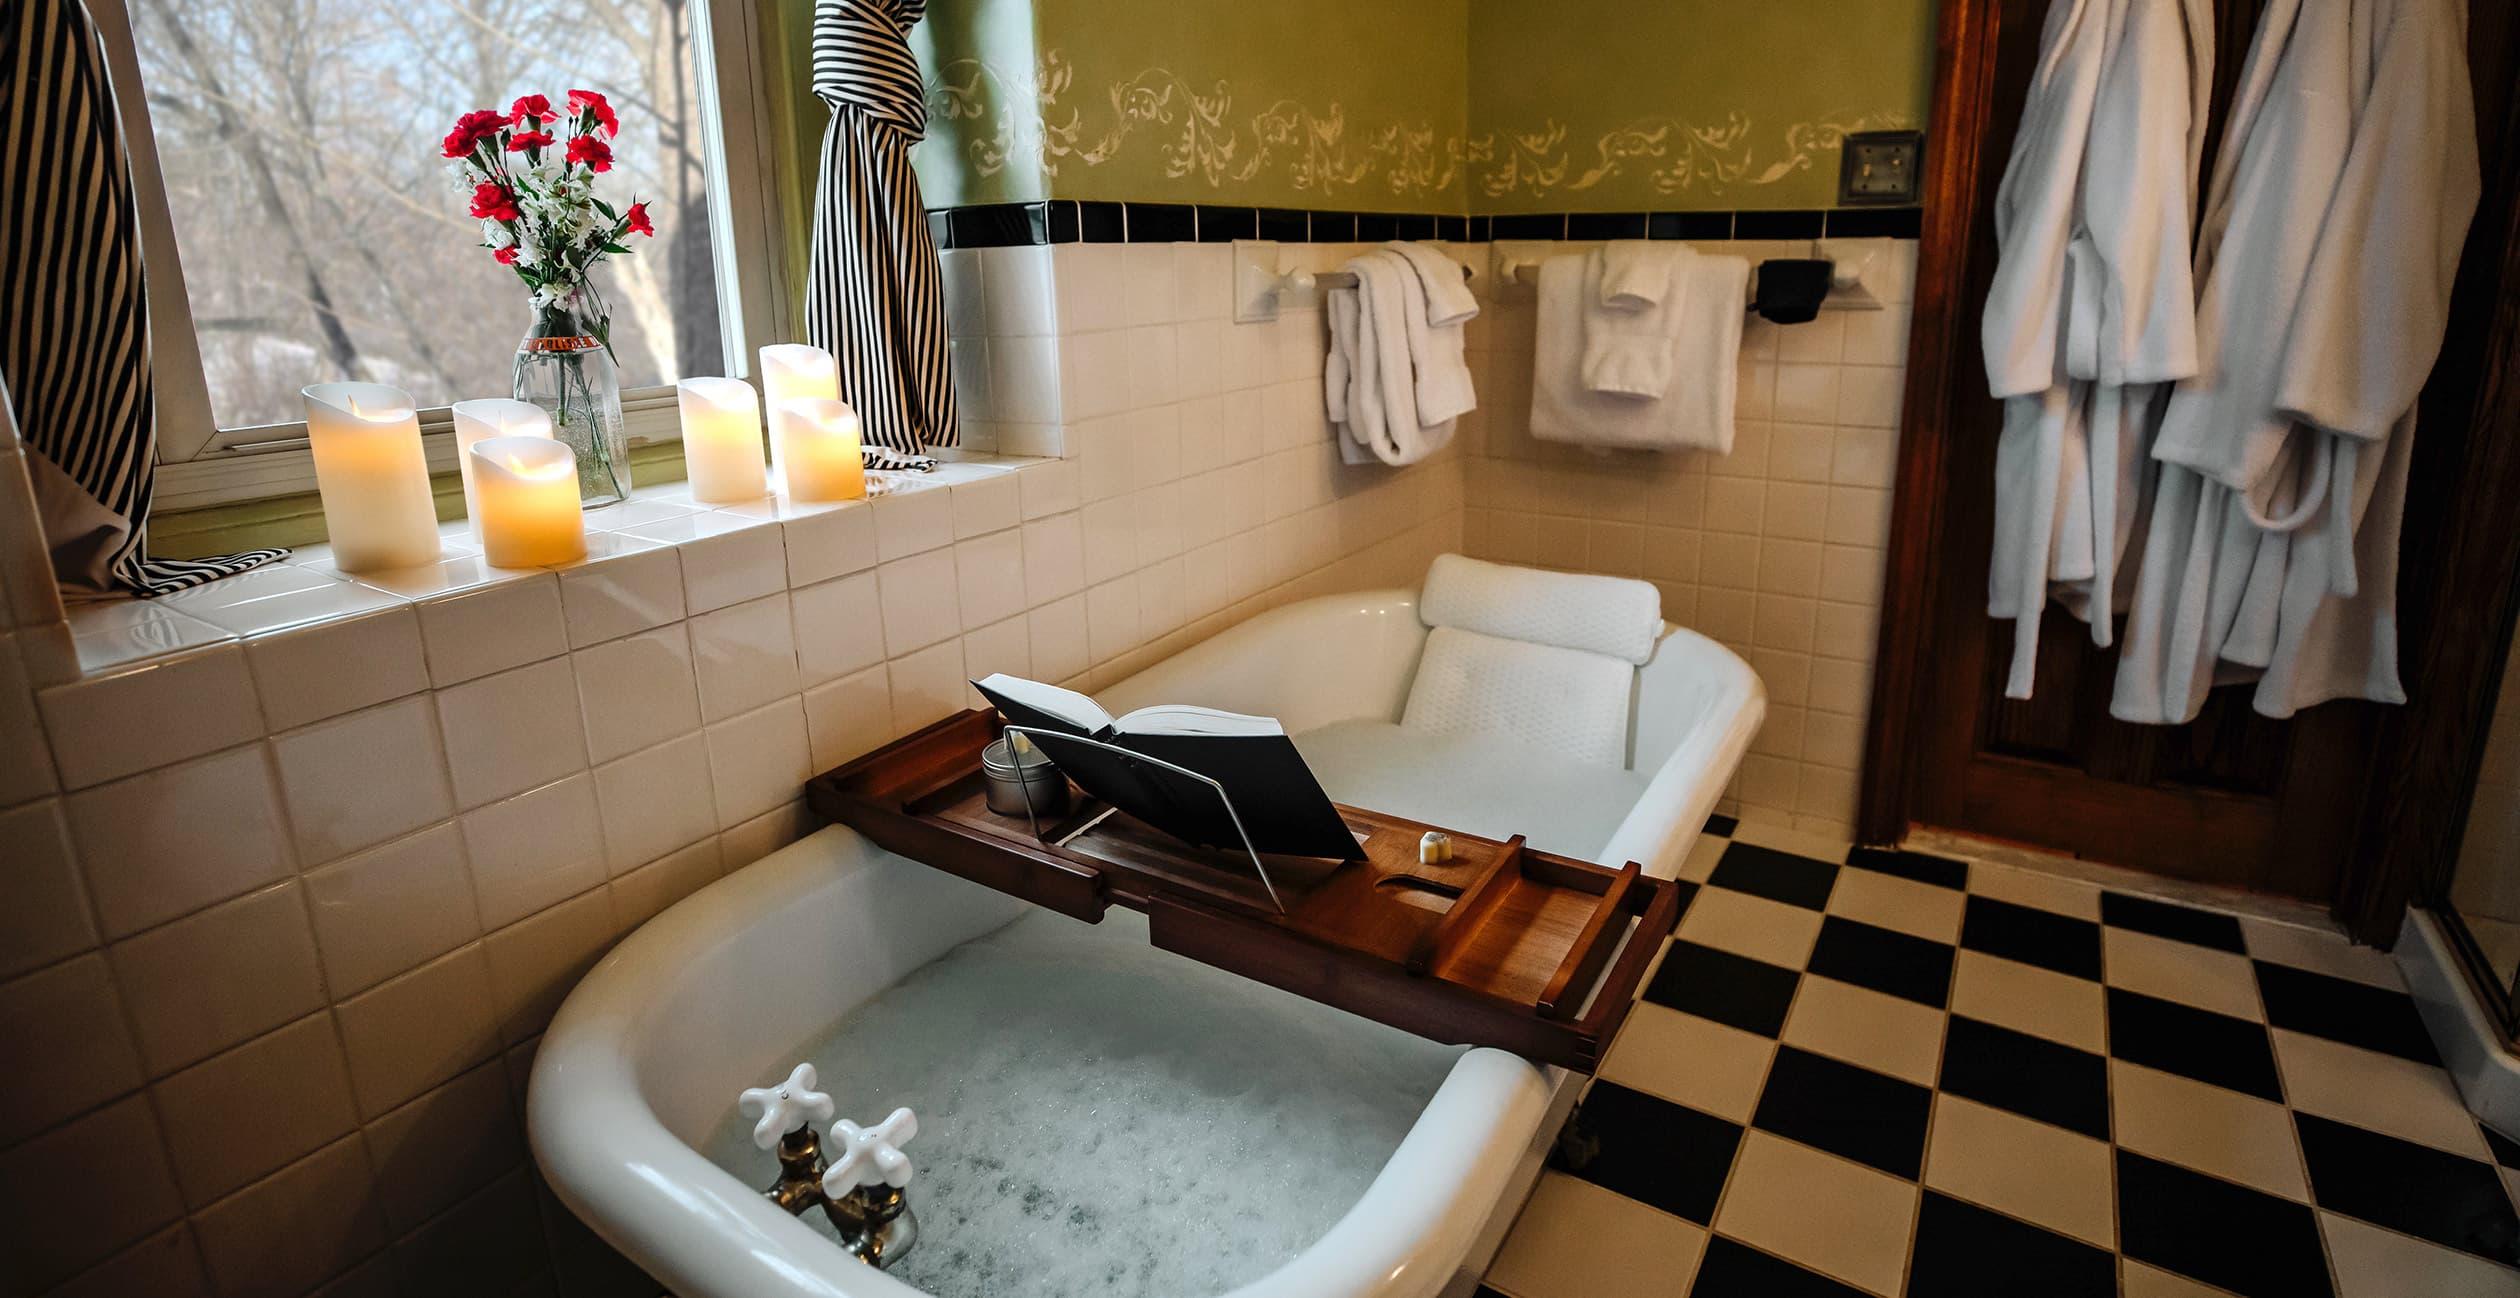 Suite Liberty bath